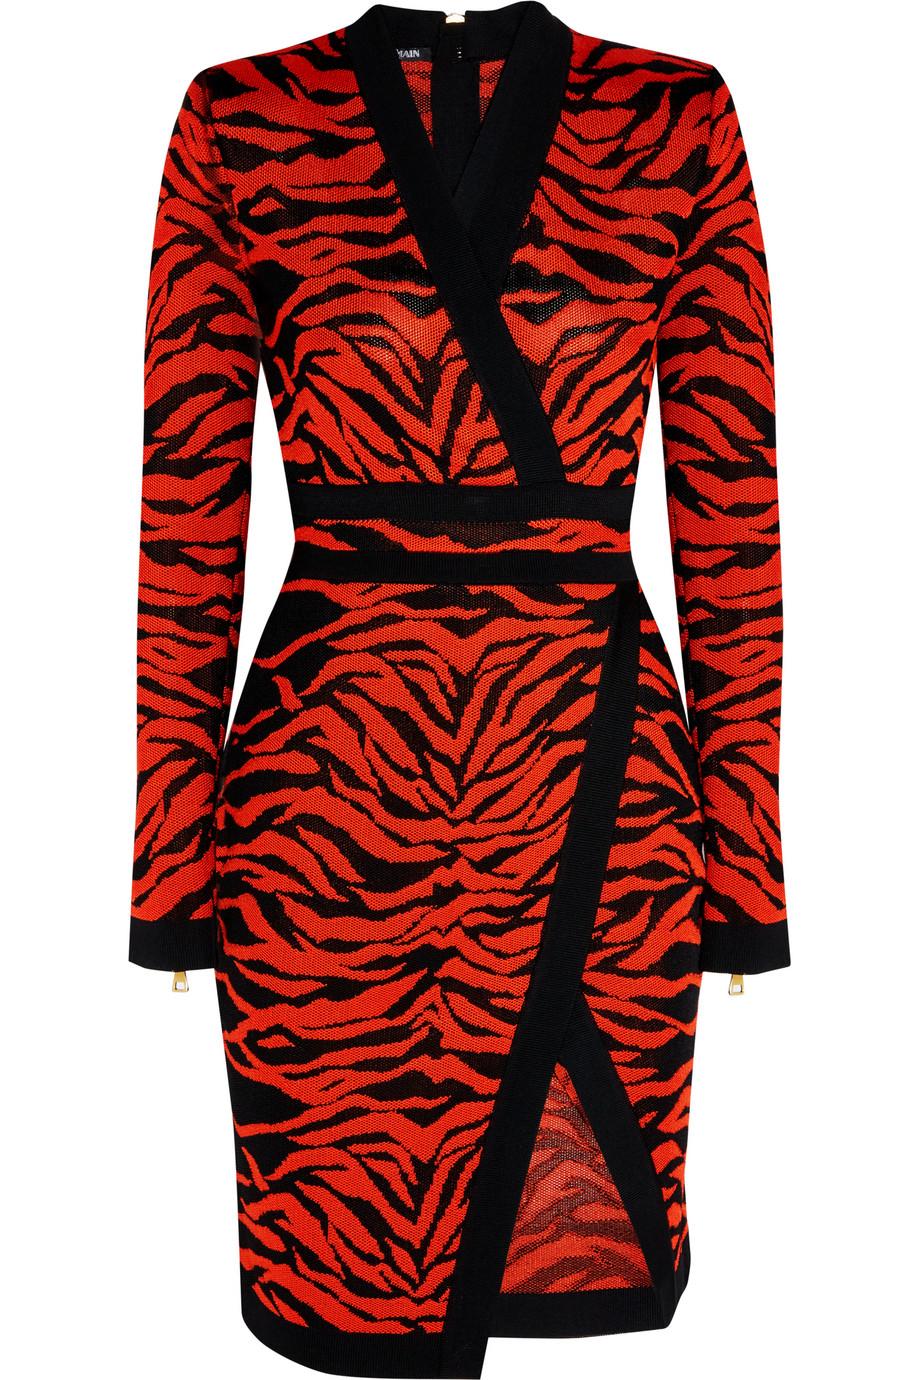 Balmain Wrap-Effect Jacquard-Knit Dress, Red, Women's - tiger, Size: 36